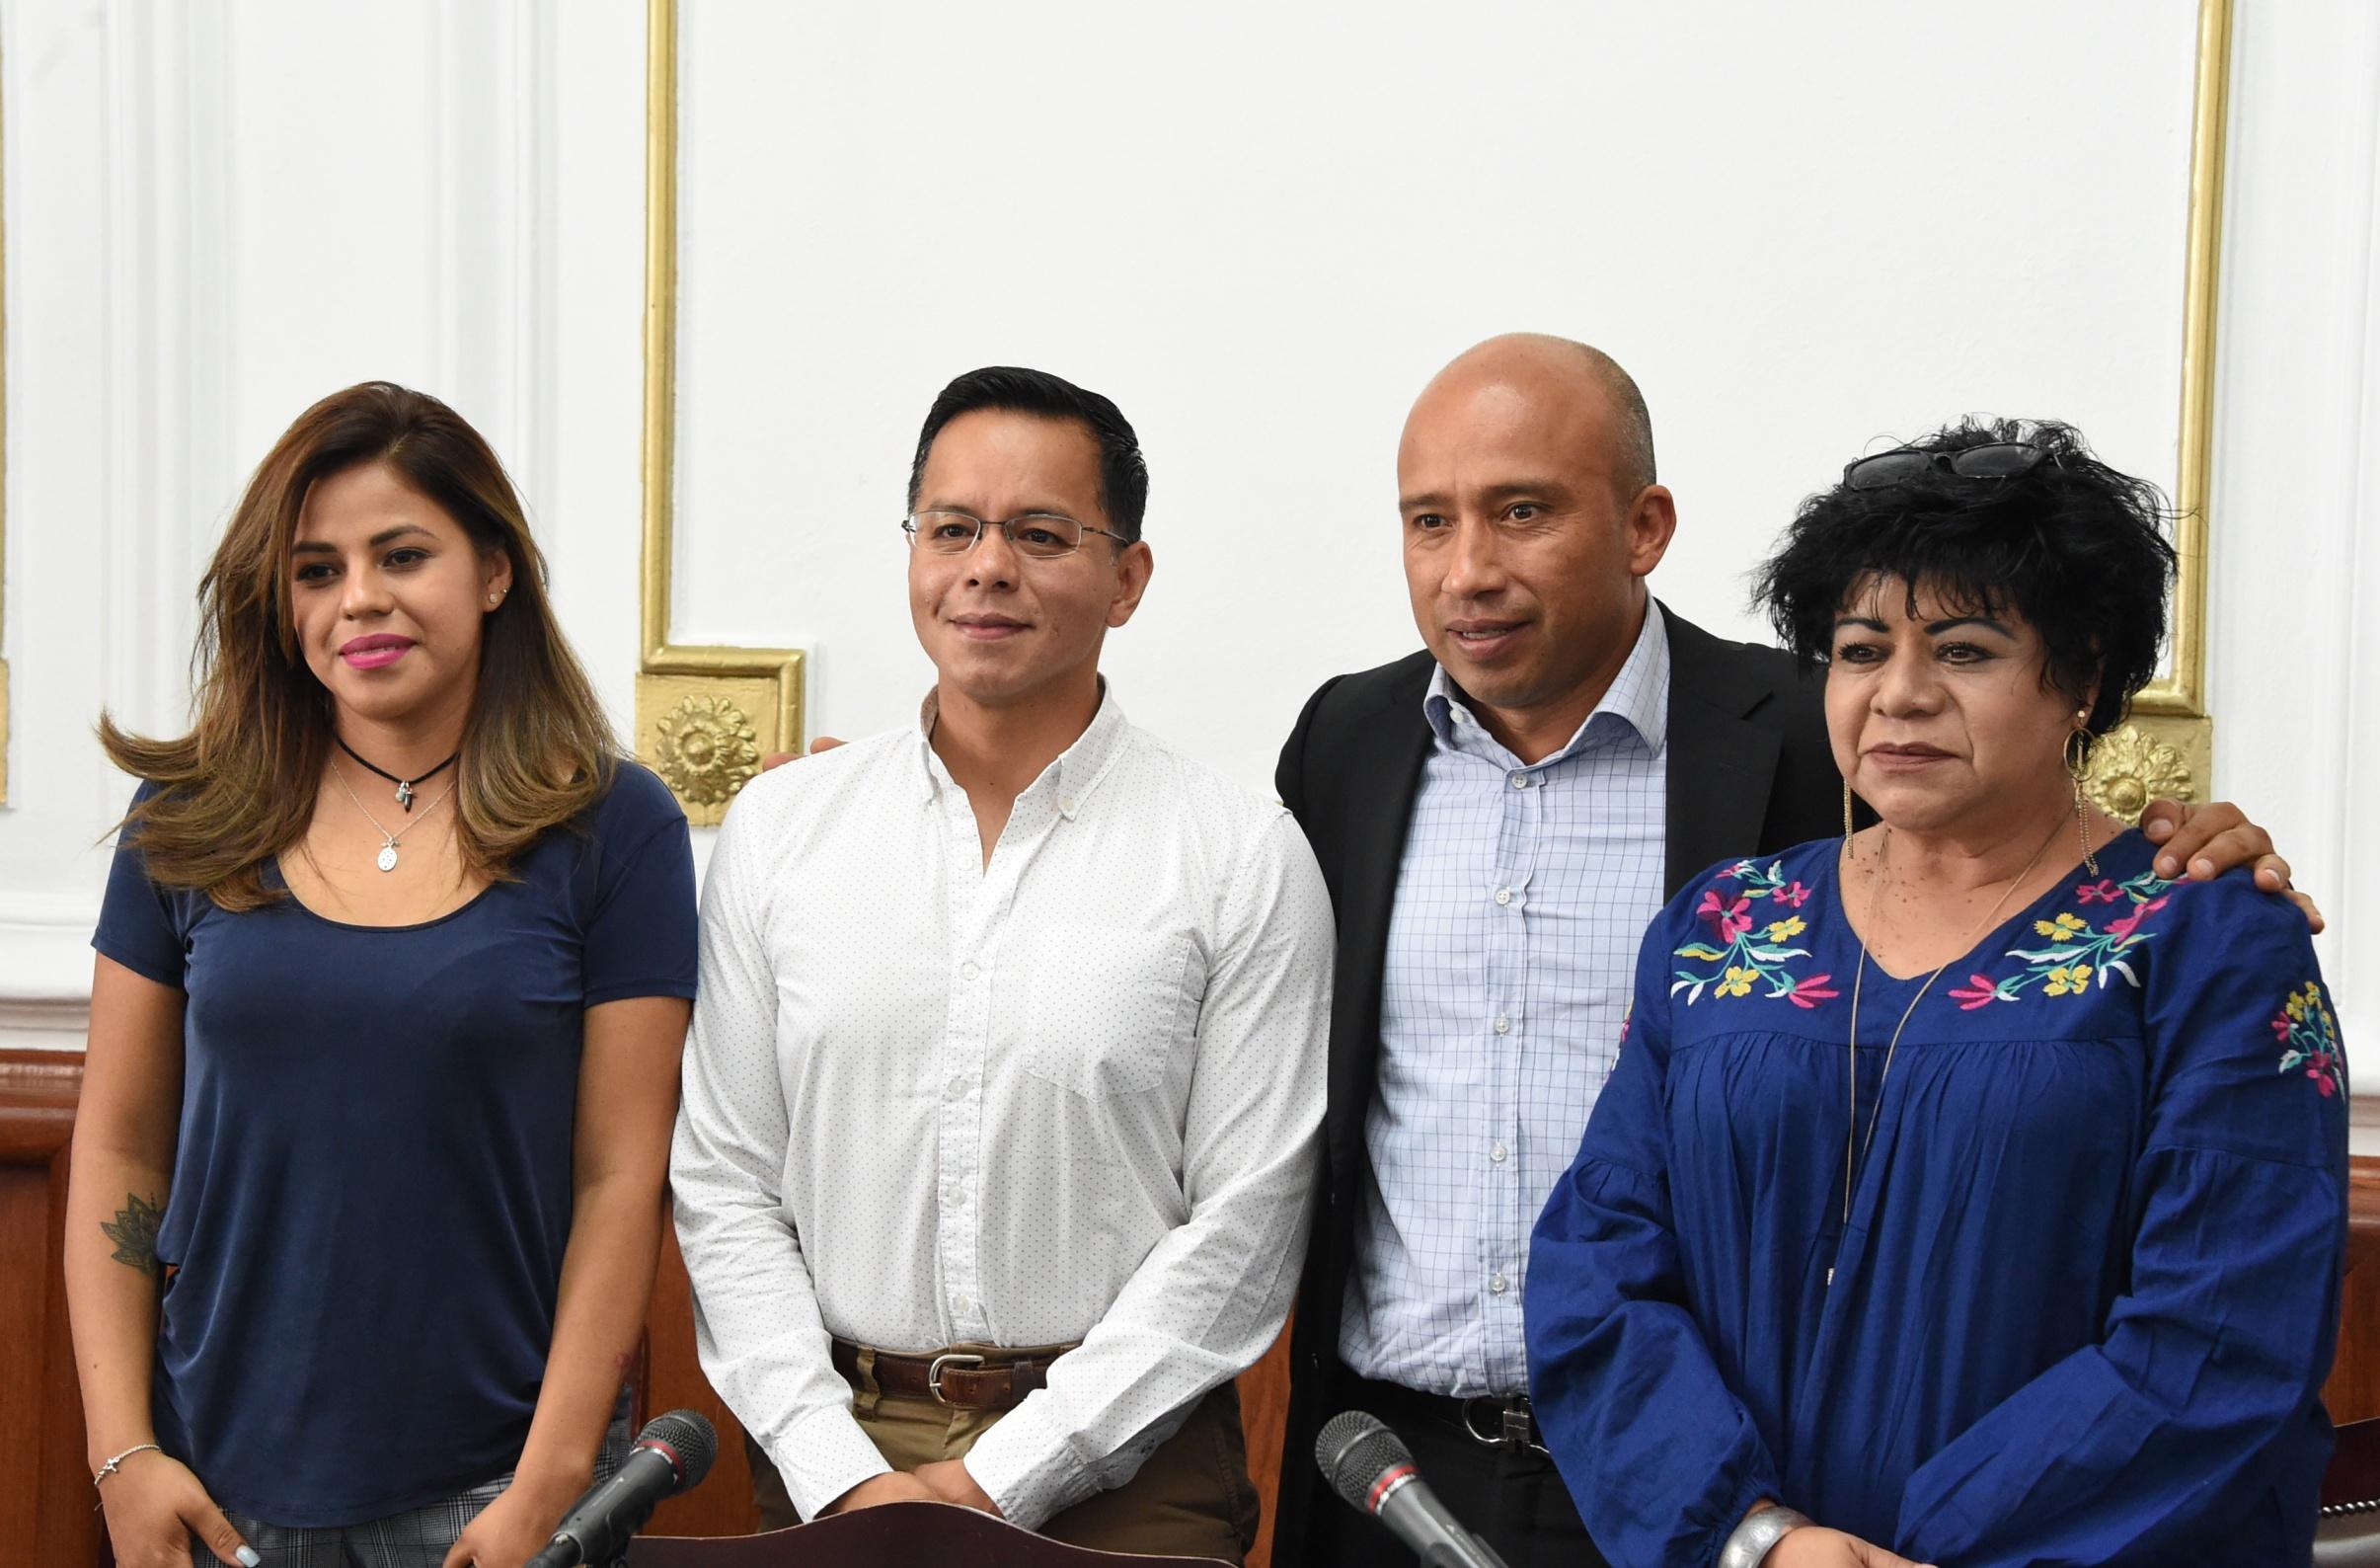 El Congreso local entregará a la AMANC 250 kilos de taparroscas para apoyar a niños con cáncer